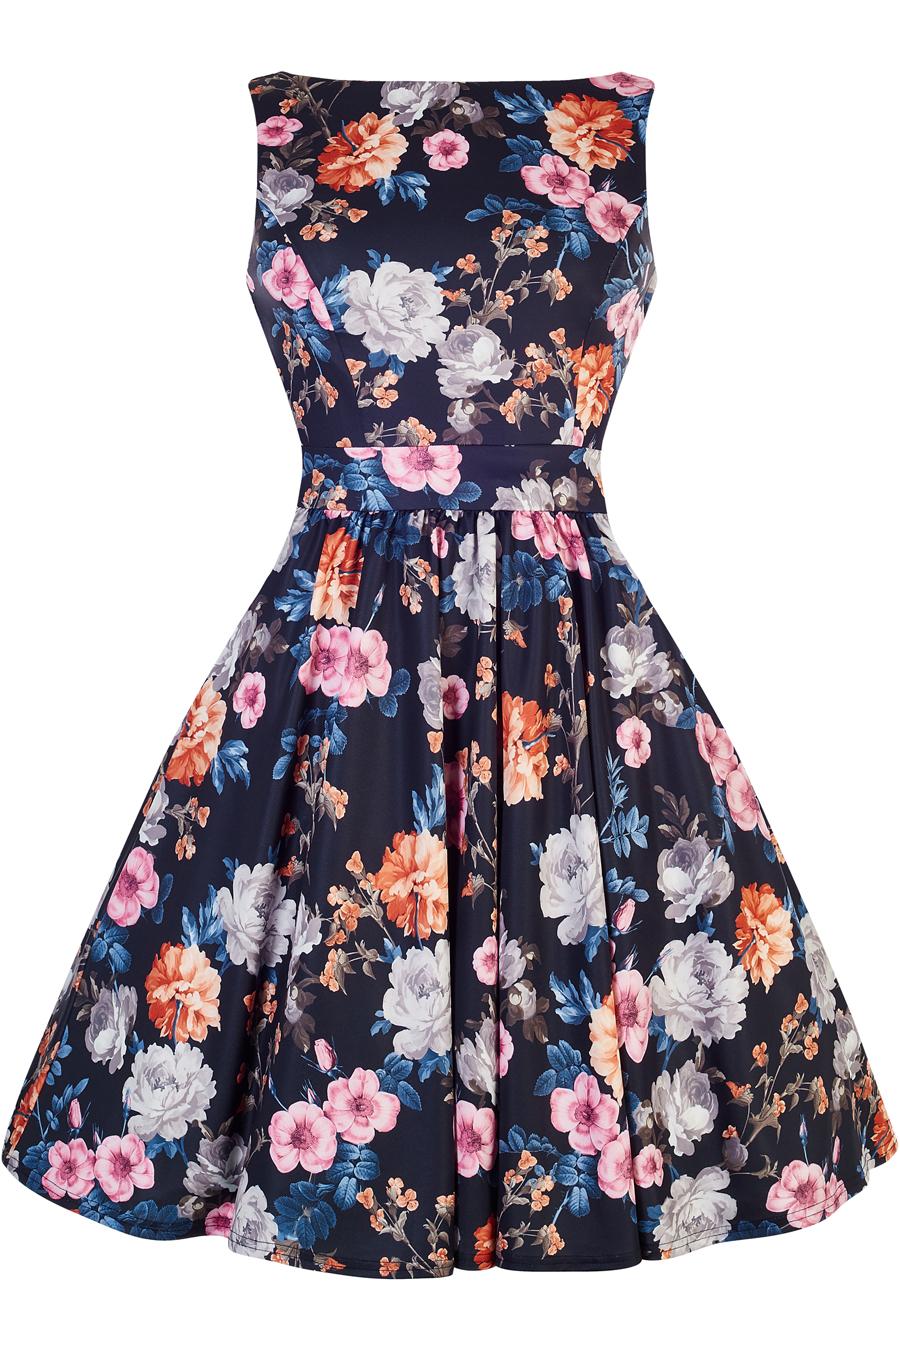 Modré retro šaty s karafiáty Lady V London Tea Lady V London ... 9b740309b6